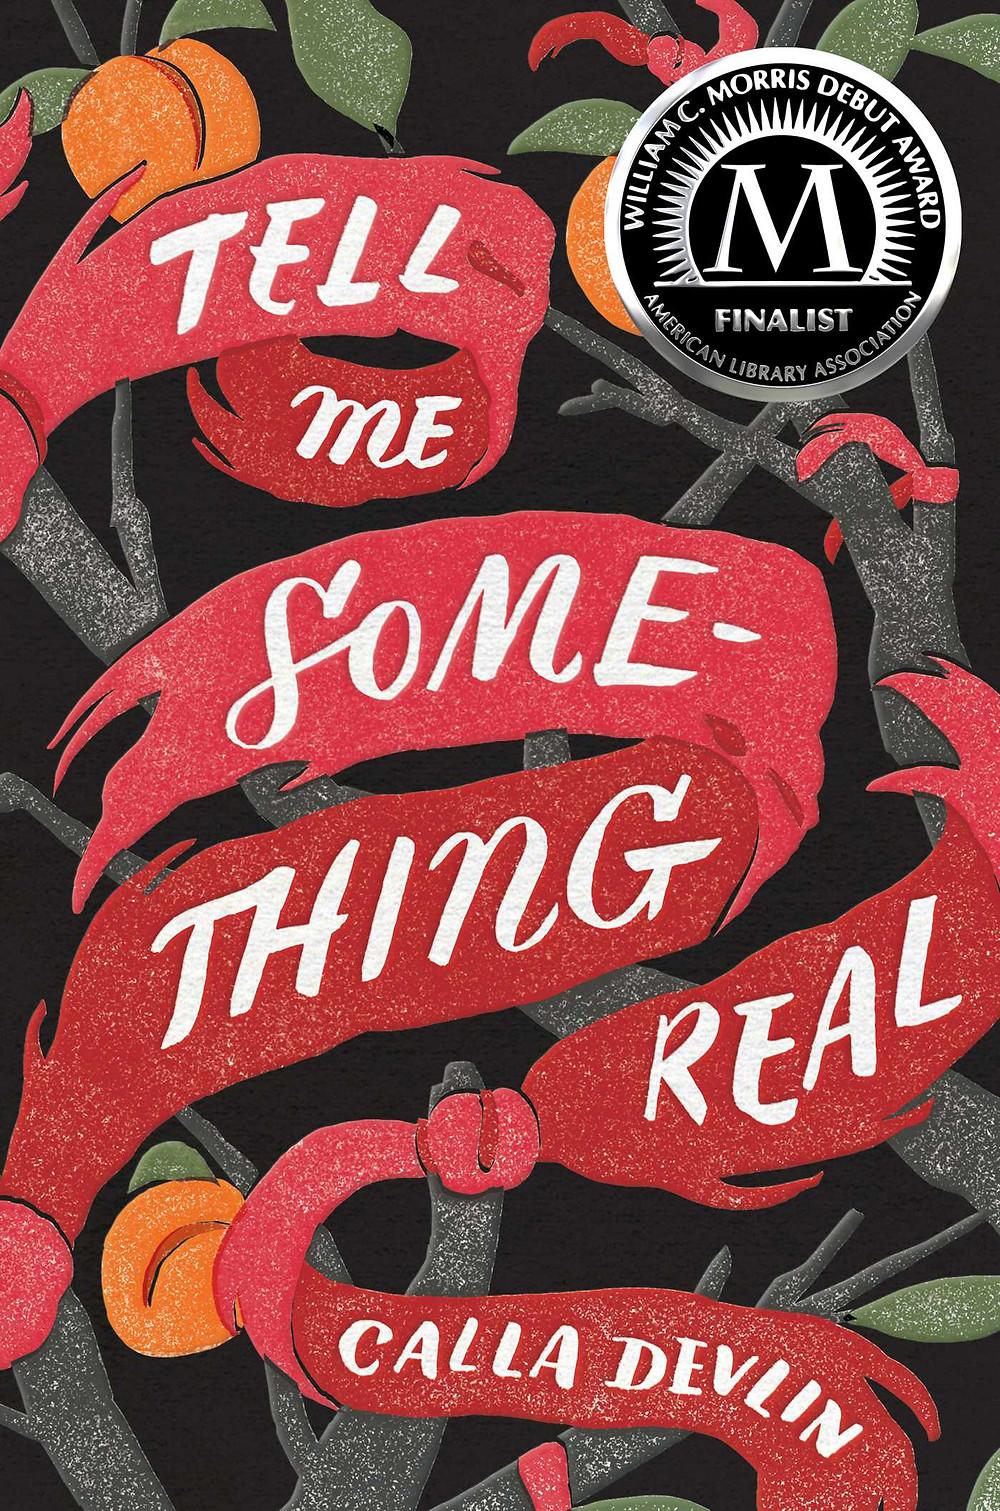 Calla Devlin's book